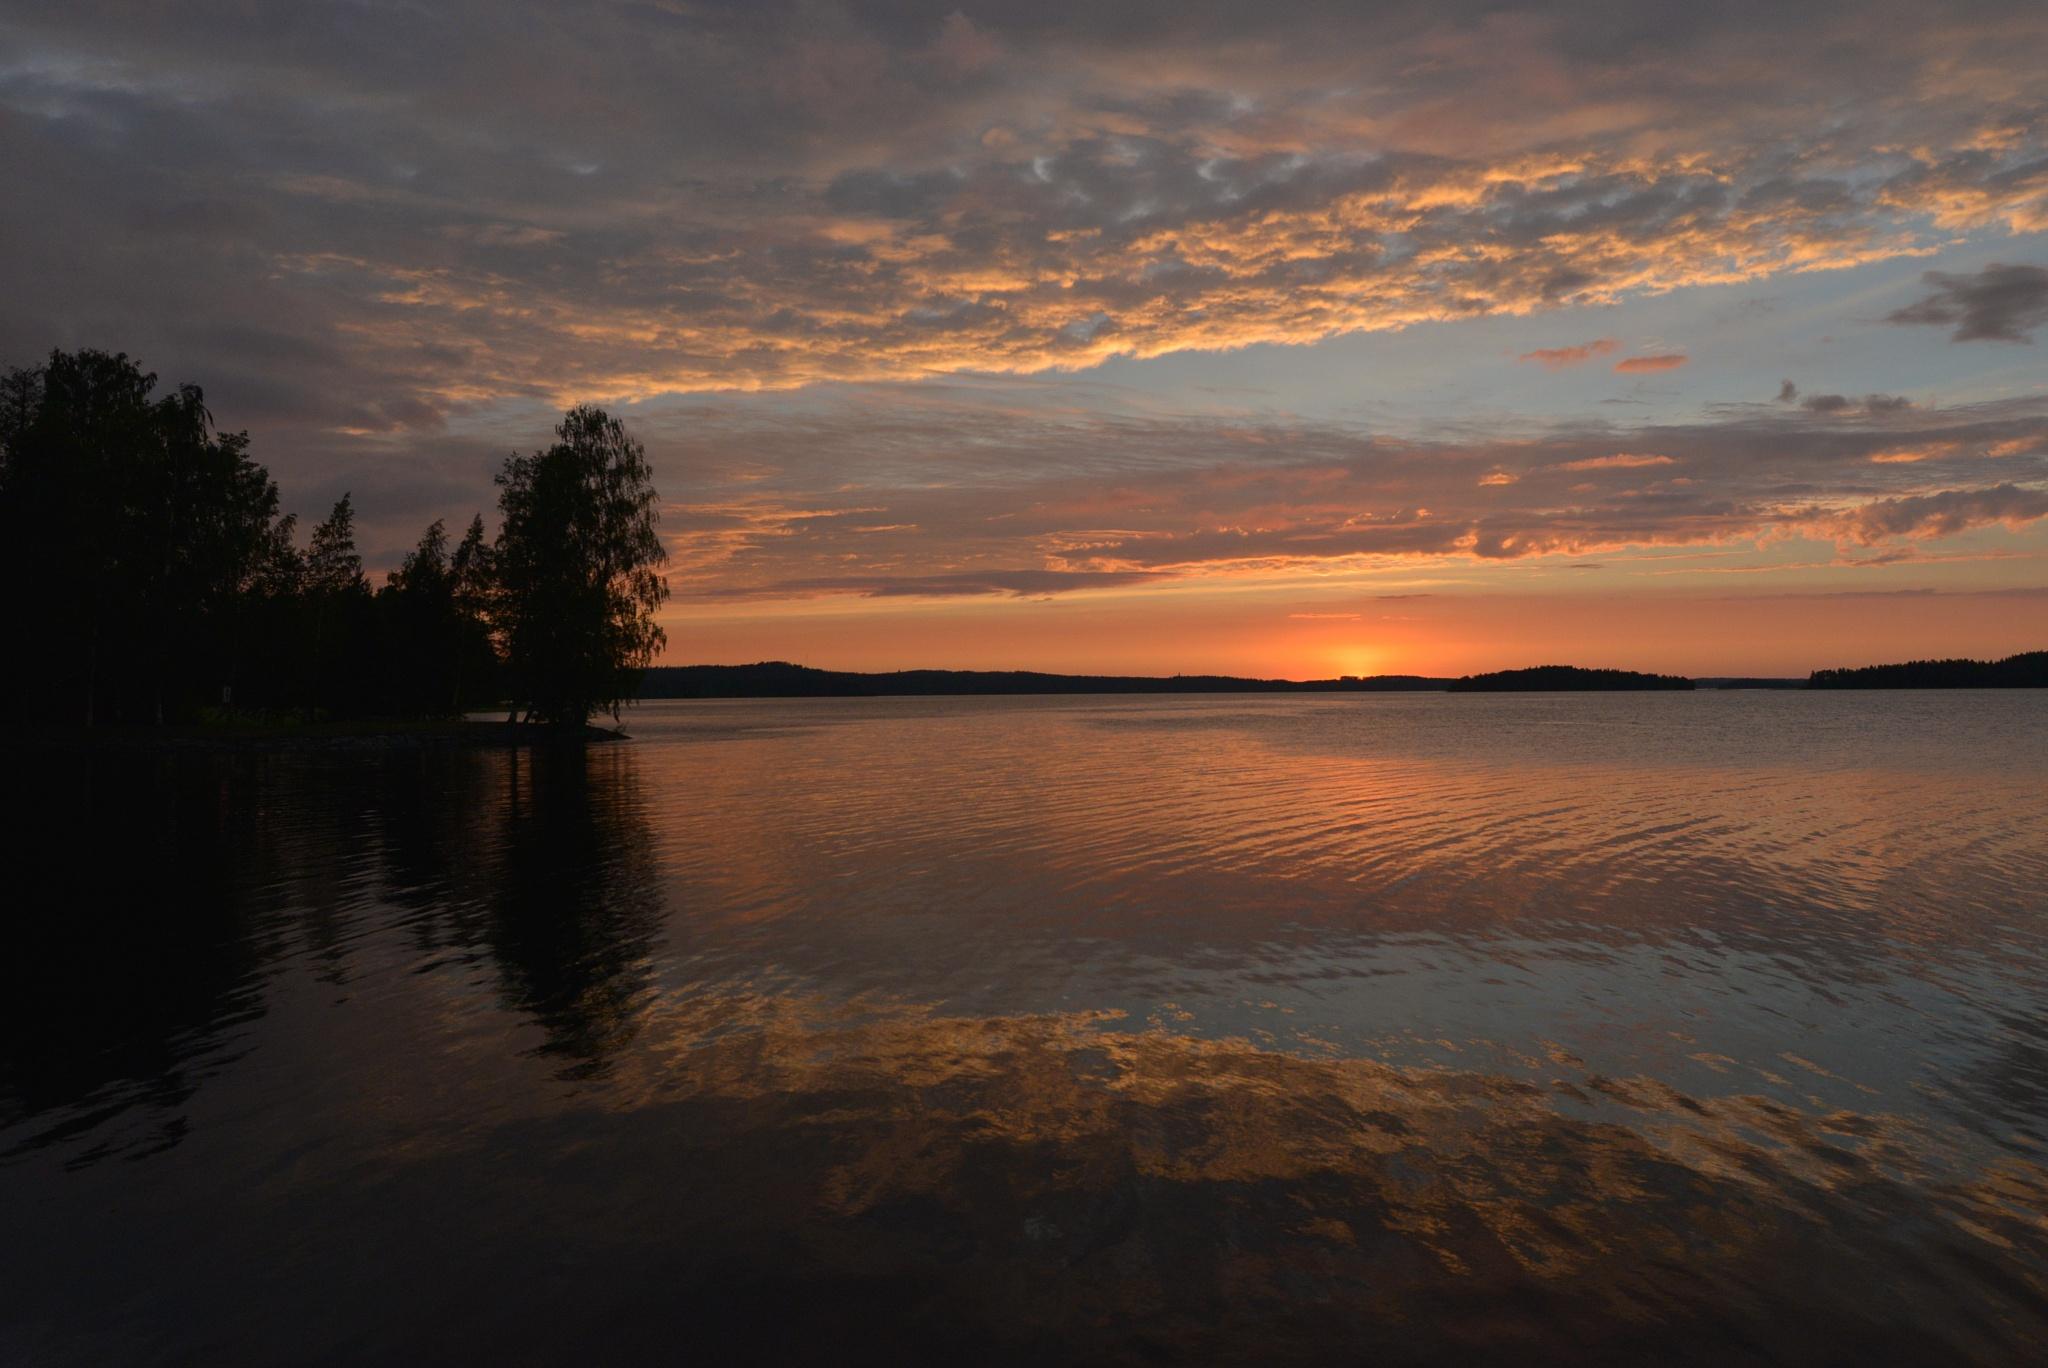 Sunset by HeikkiHAtMAN PHOTOGRAPHY